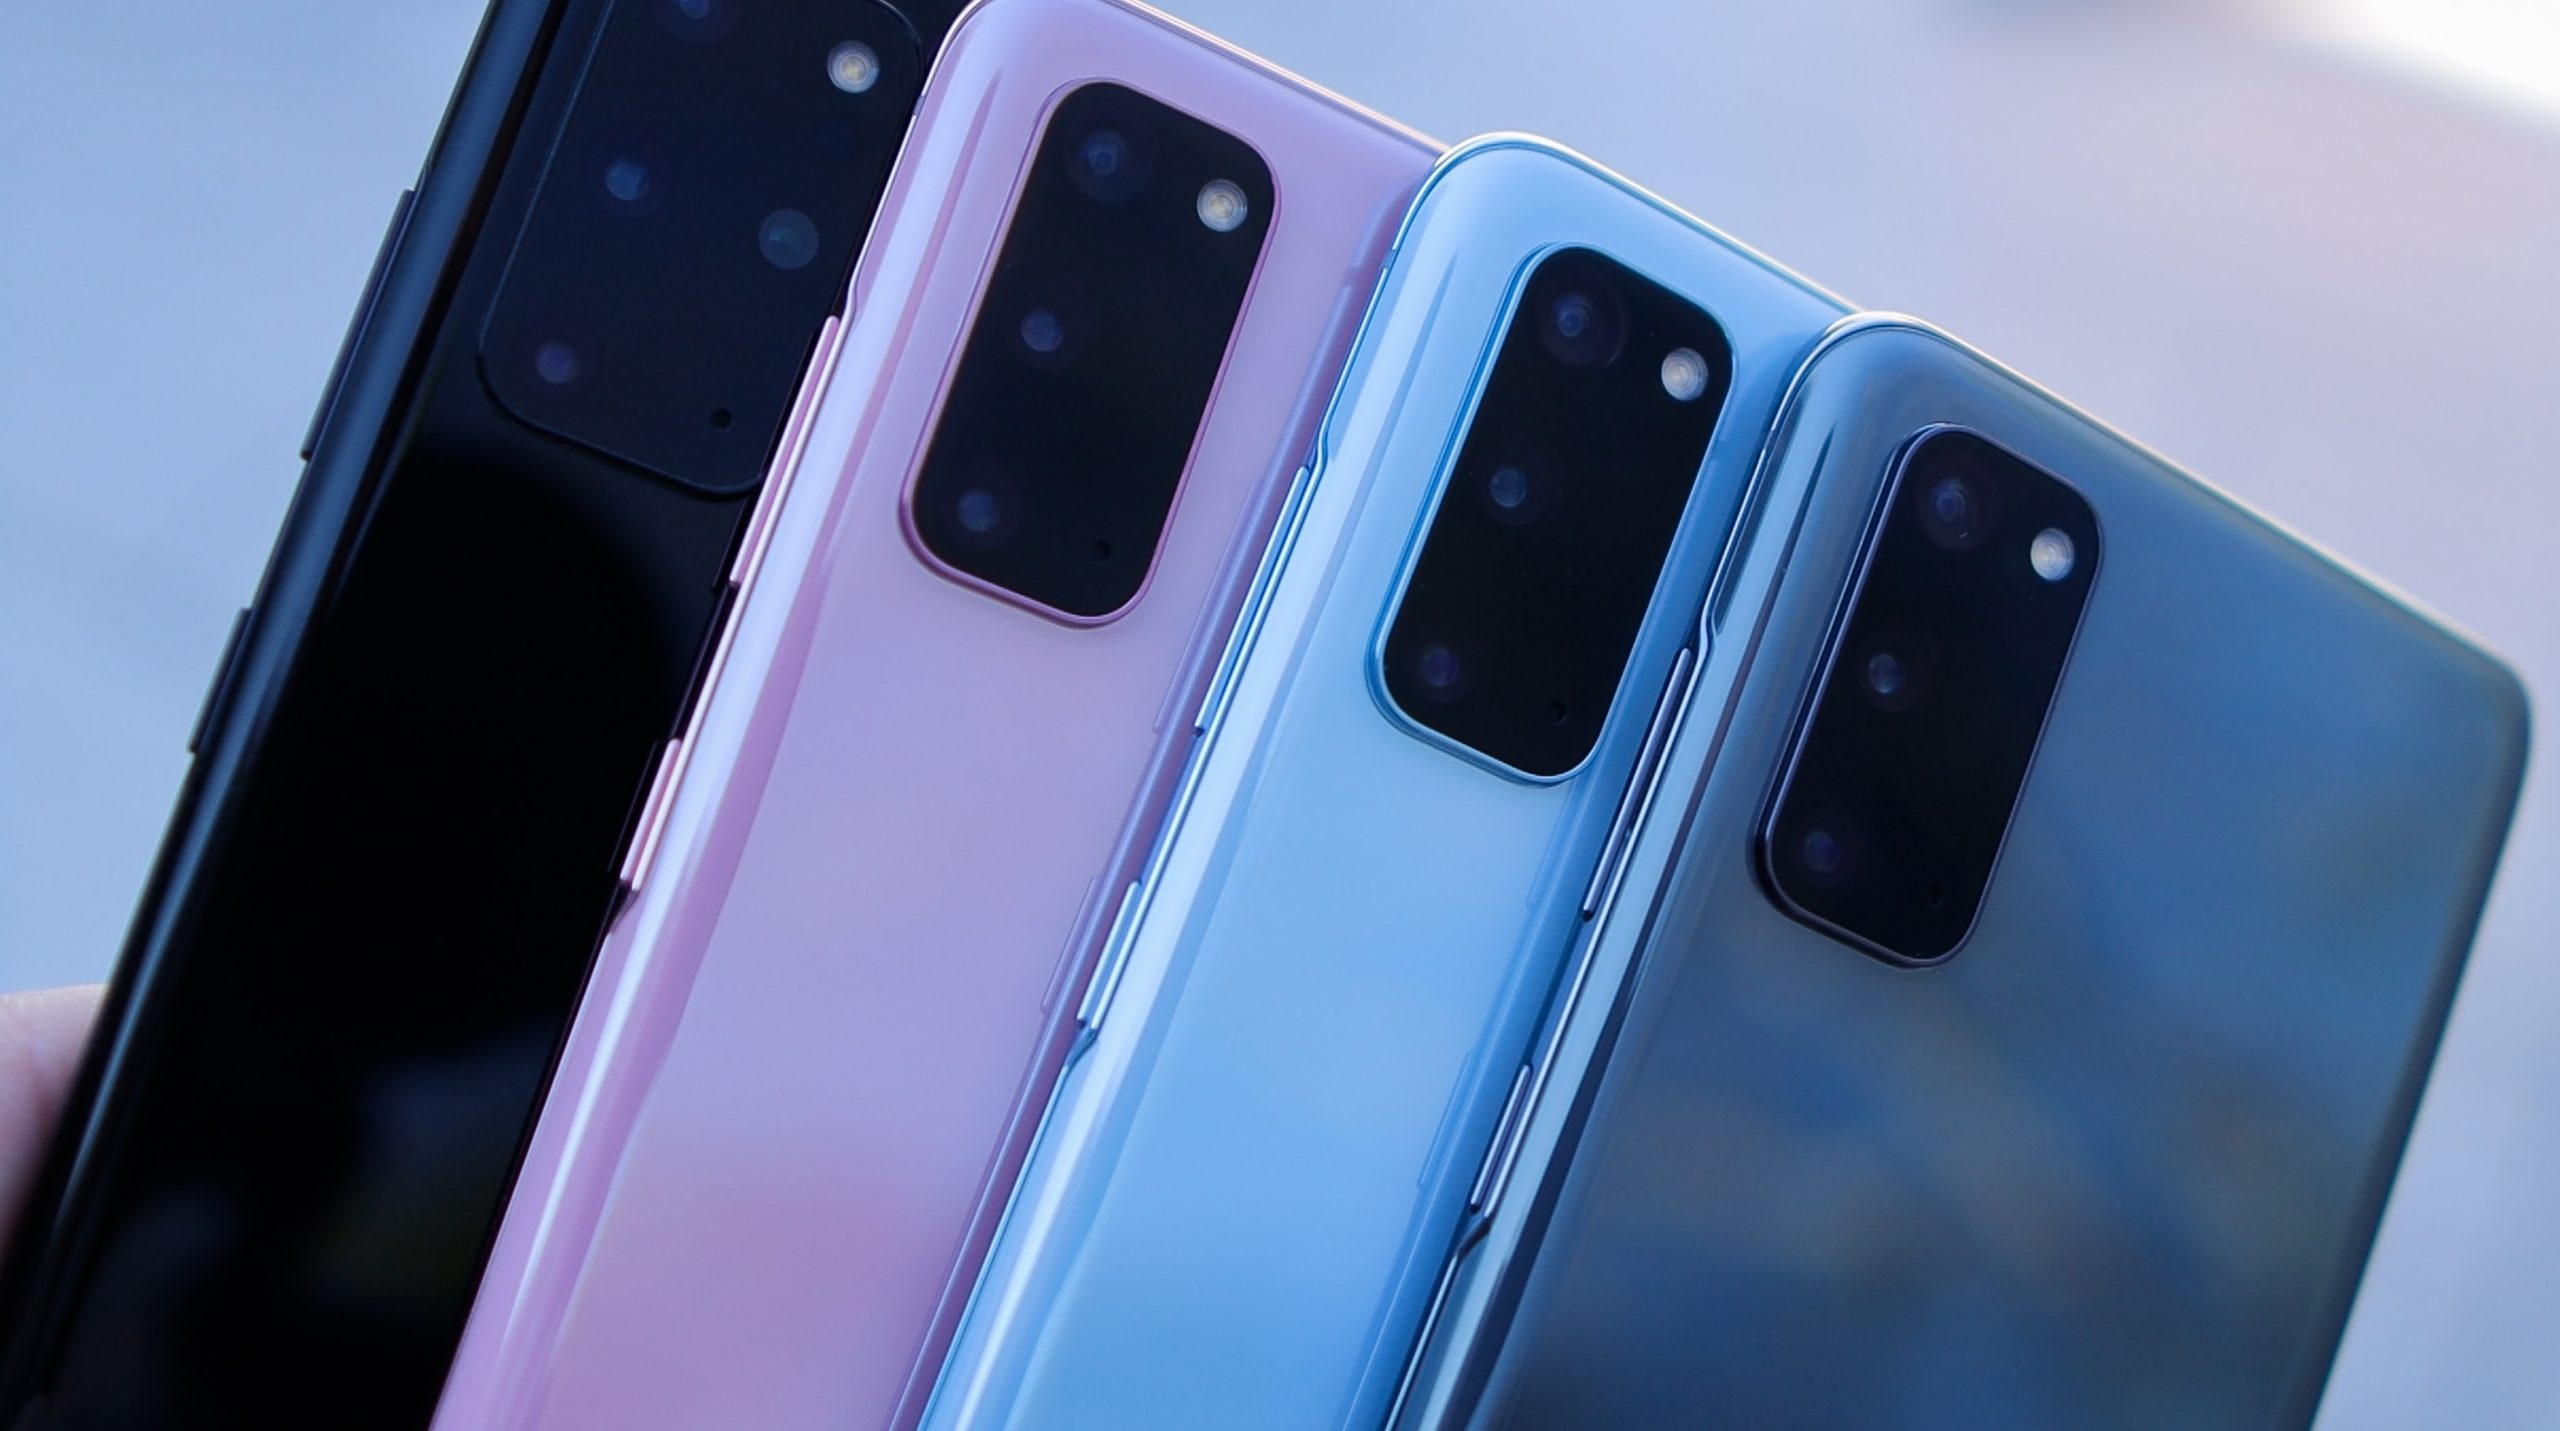 Smartphones : vers une pénurie générale comme la PS5 ?